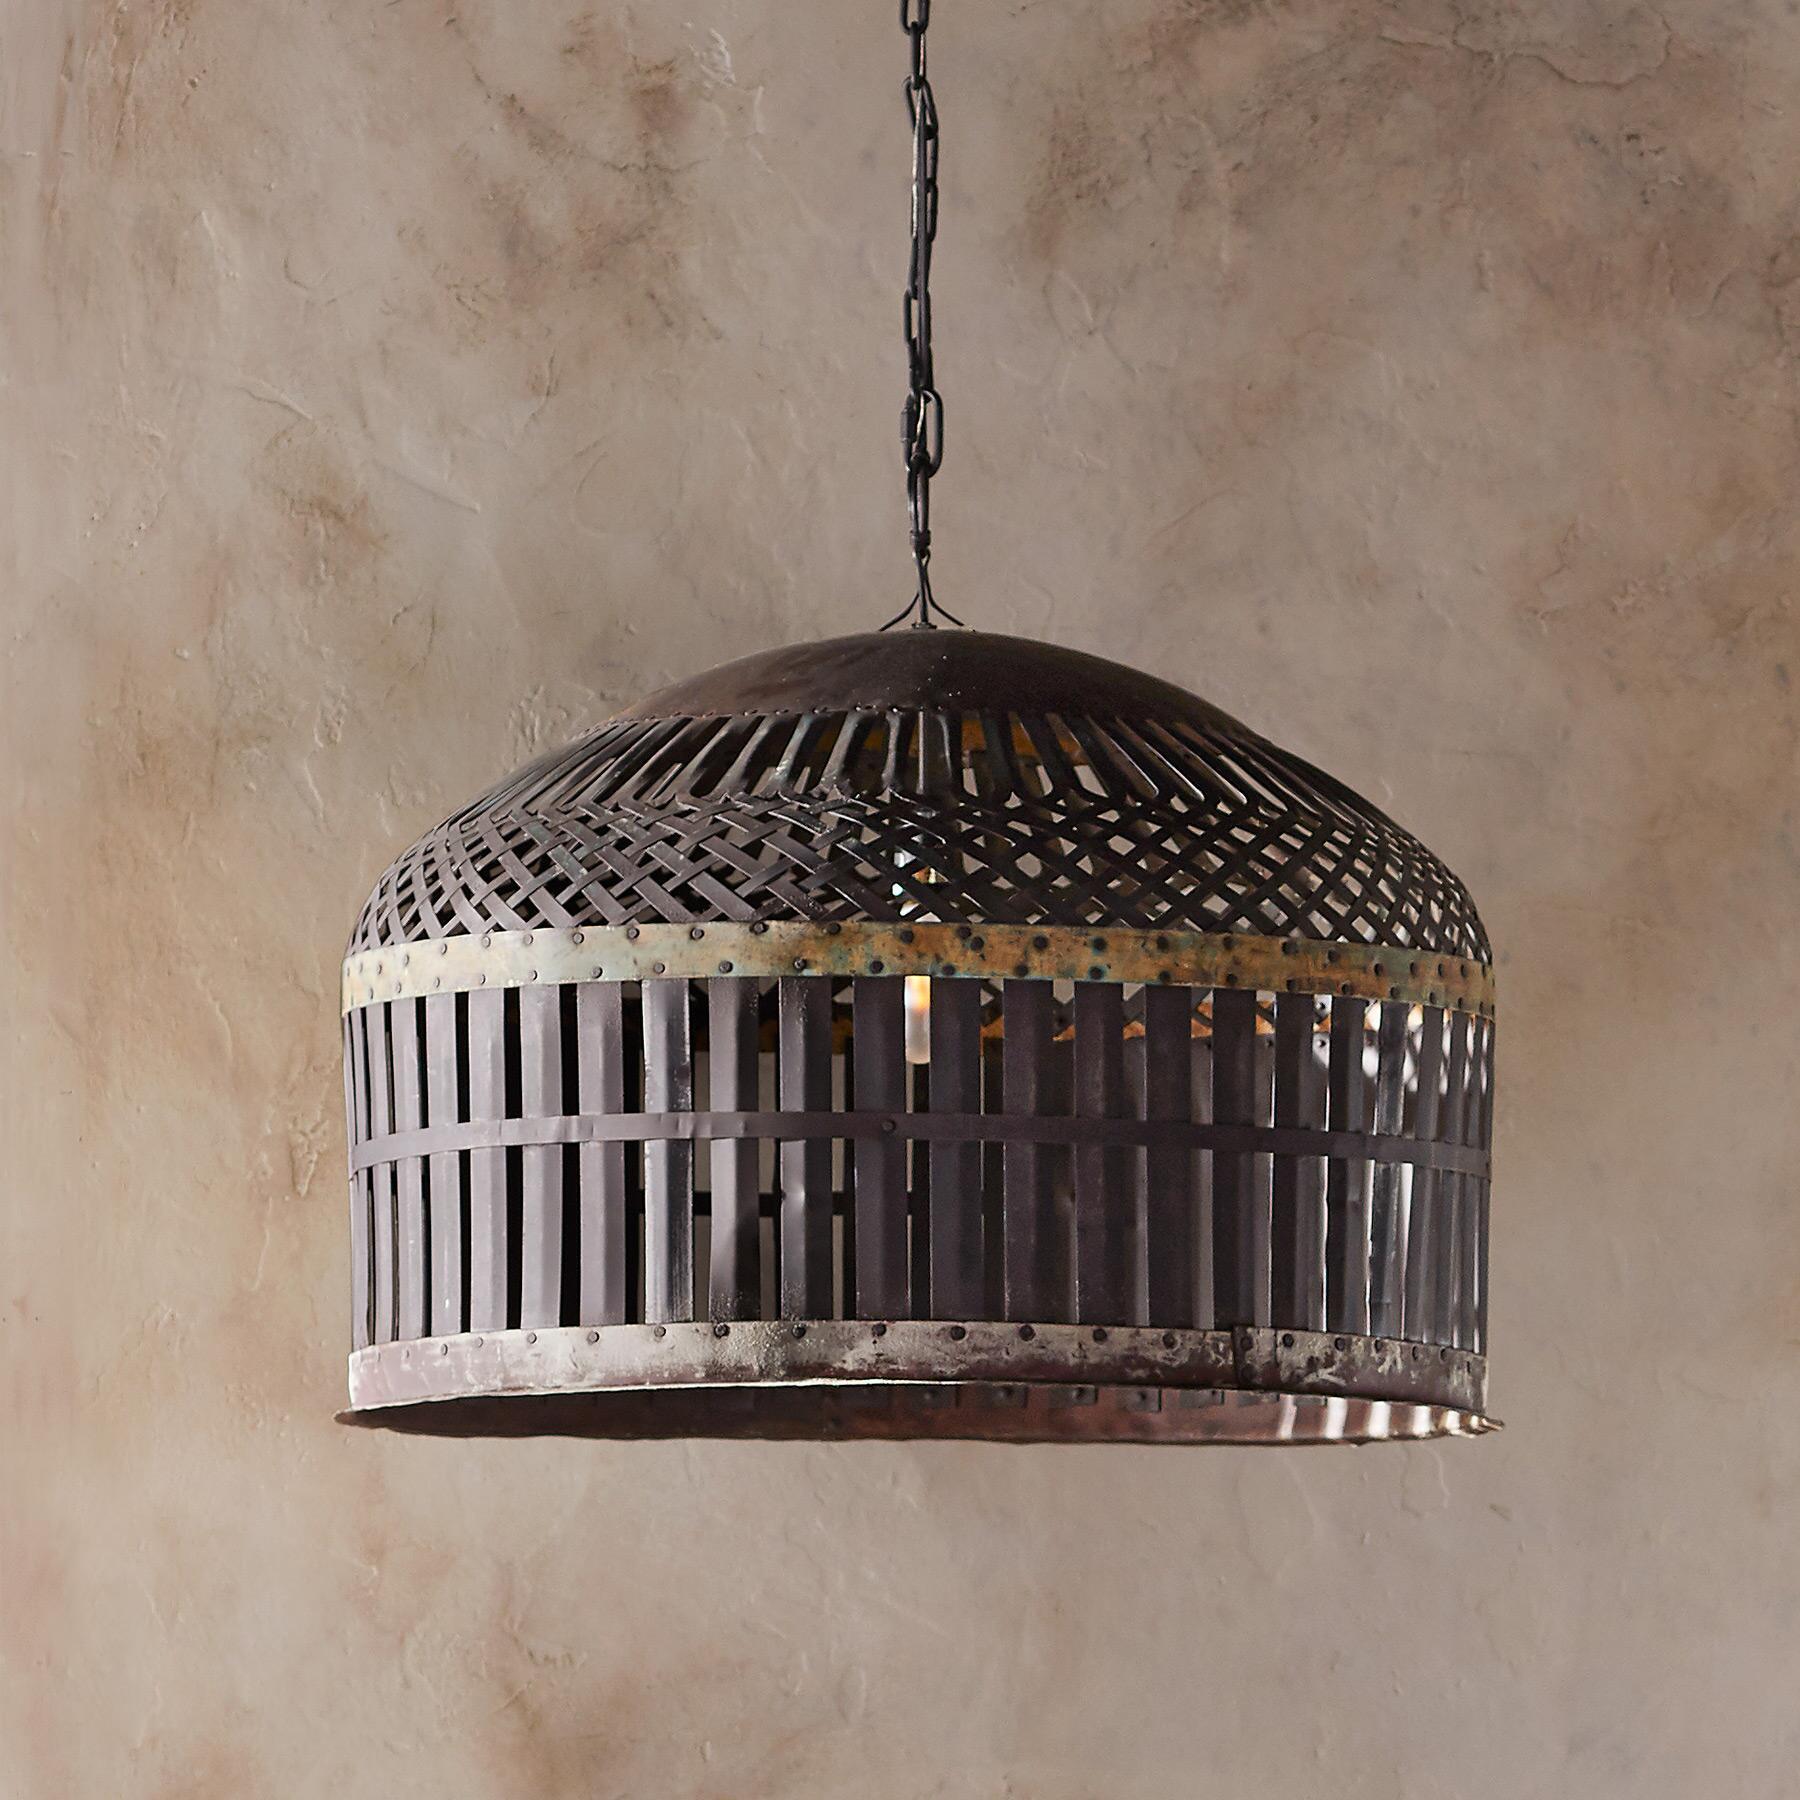 BATISTE PENDANT LAMP: View 1